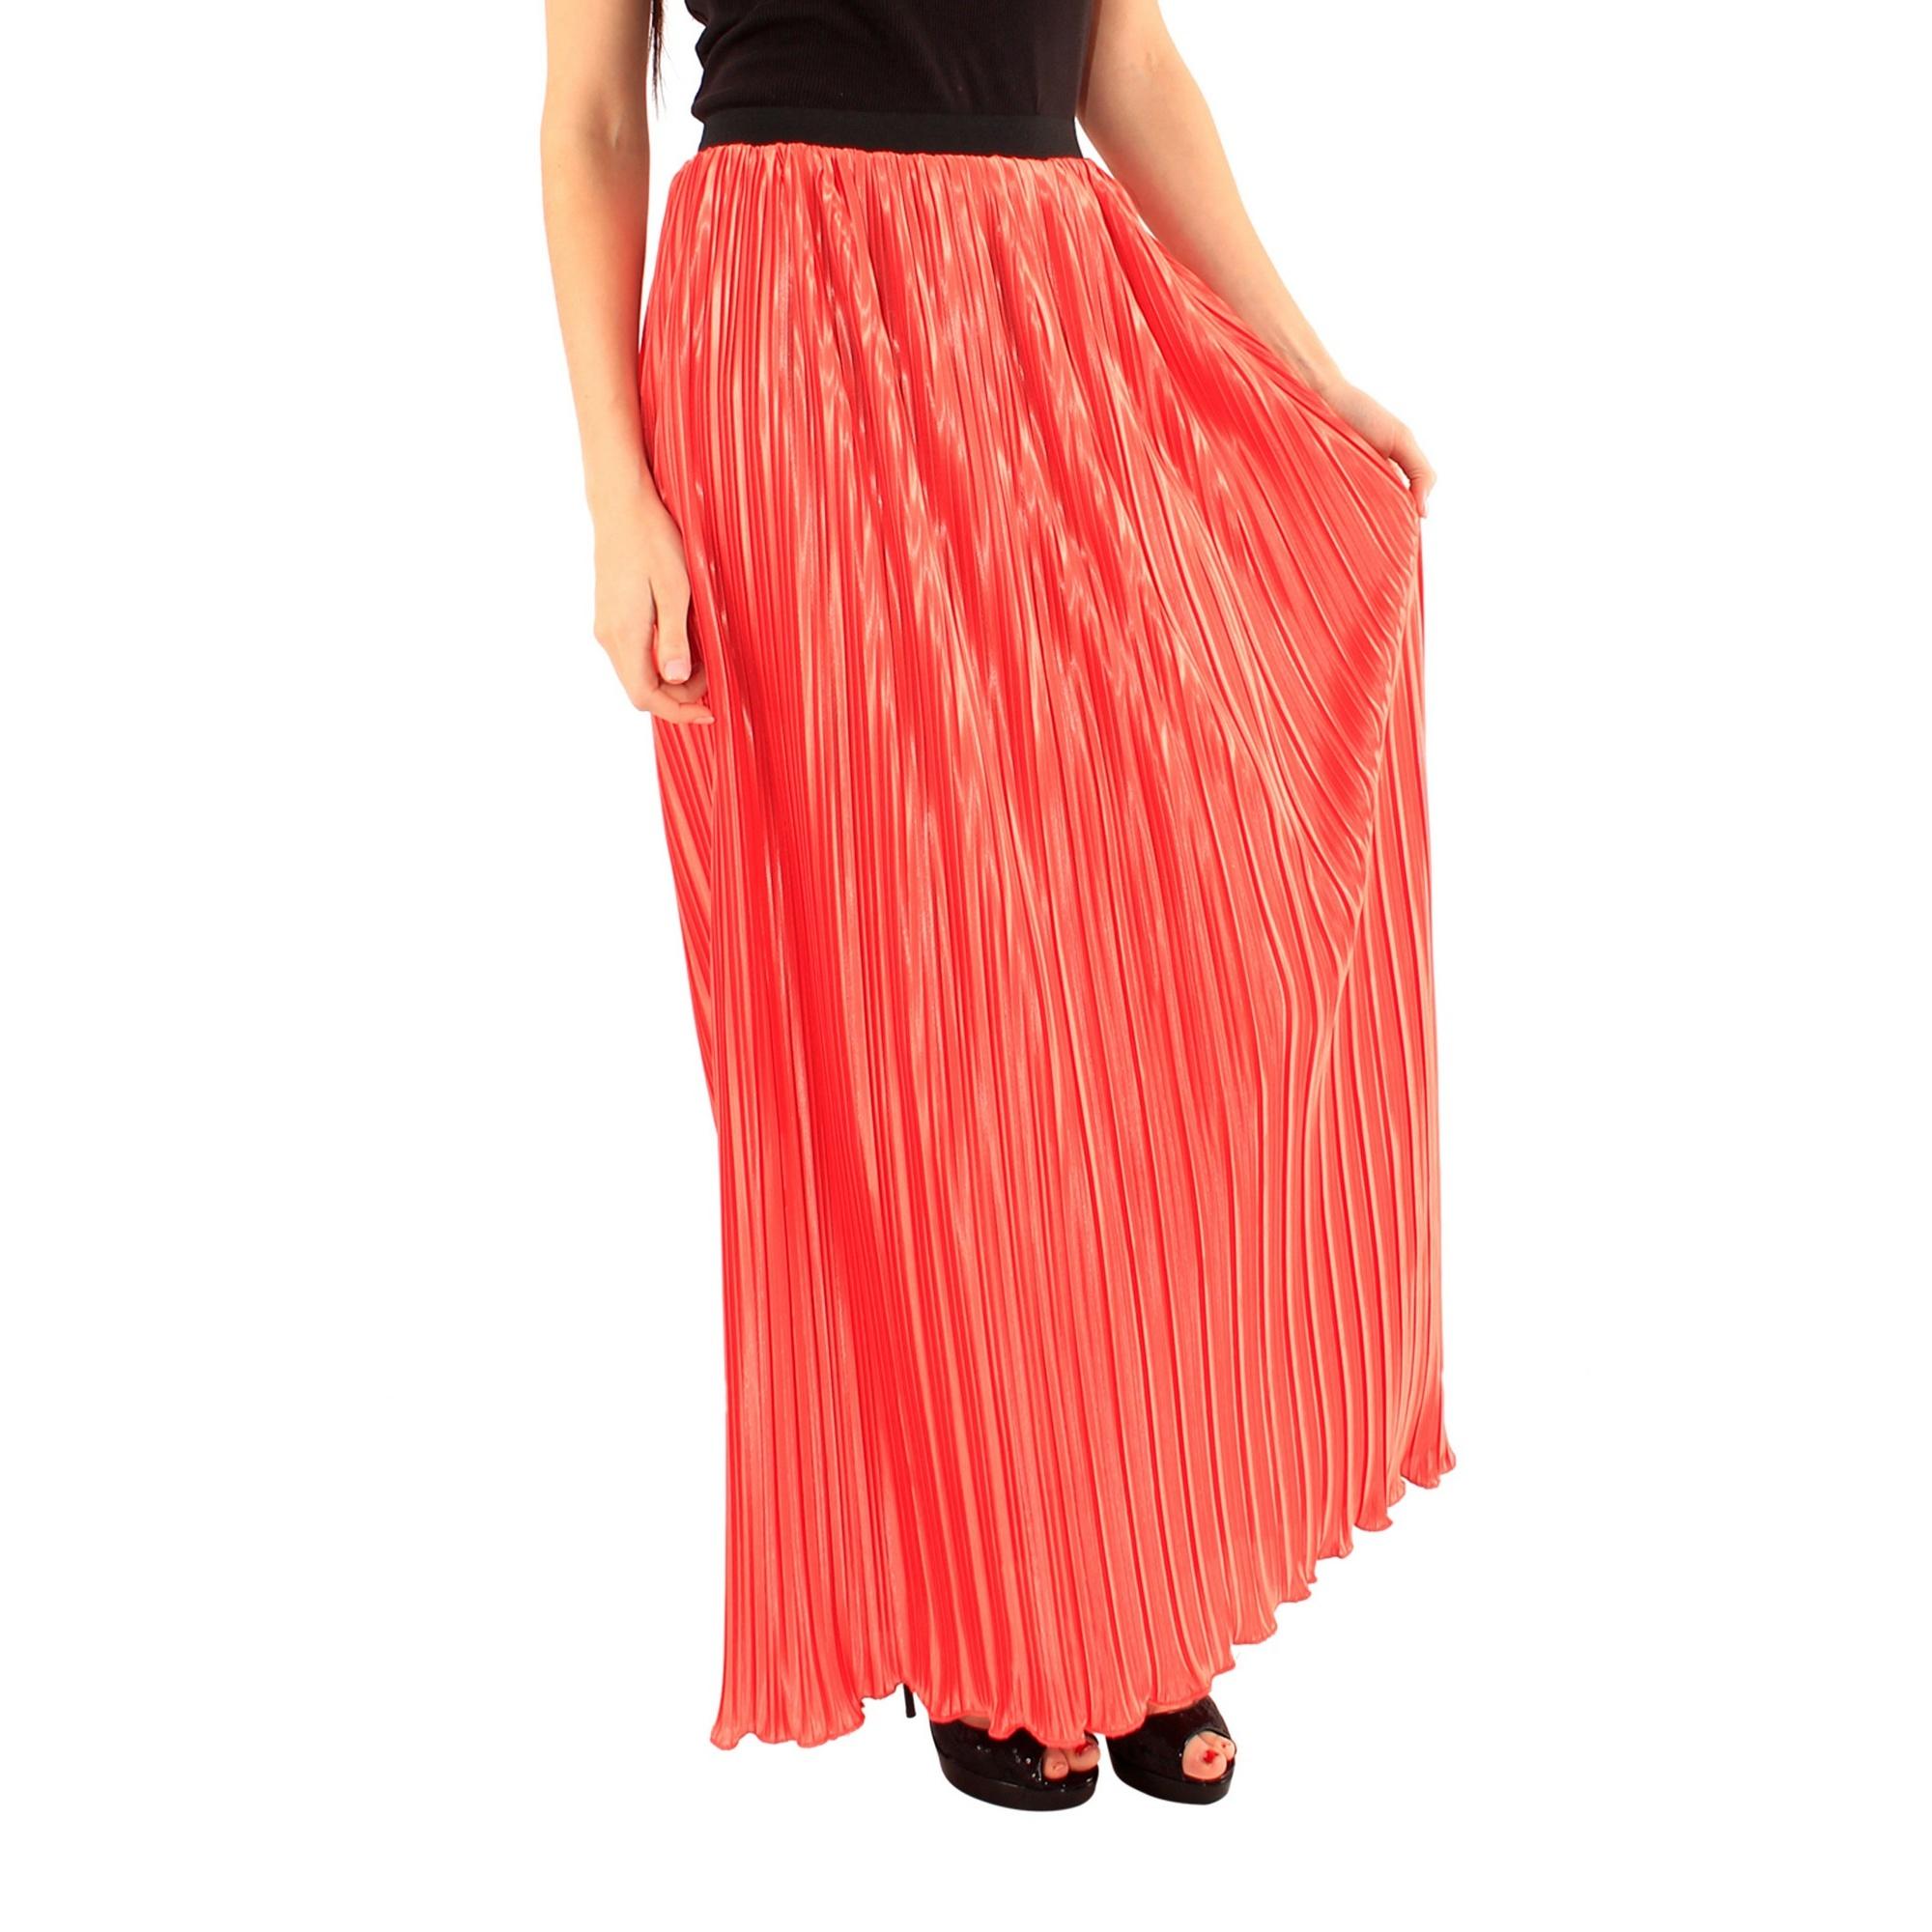 Lili London Womens/Ladies Amalia Pleated Maxi Skirt (S/M) (Orange)